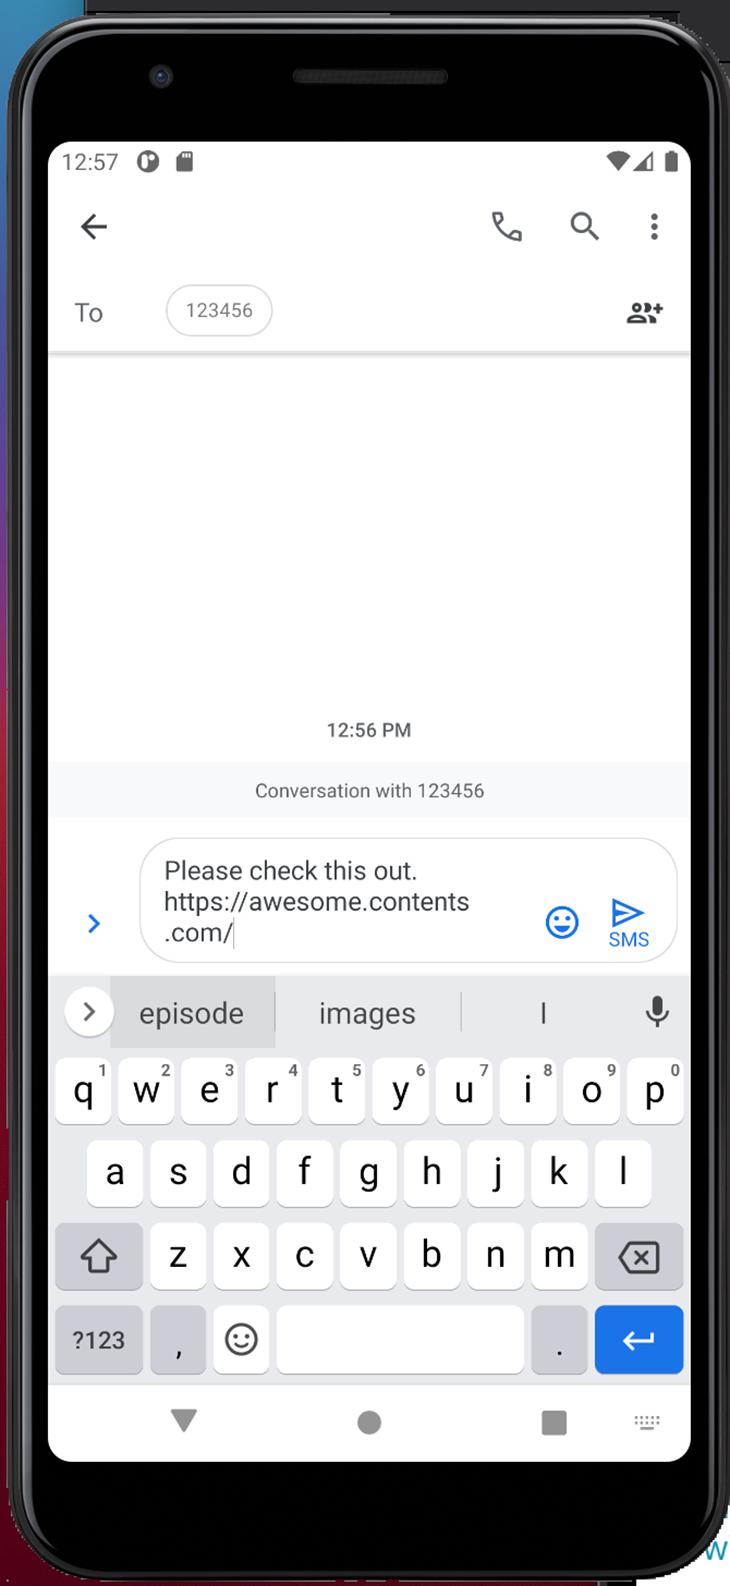 Sharing a URL via SMS